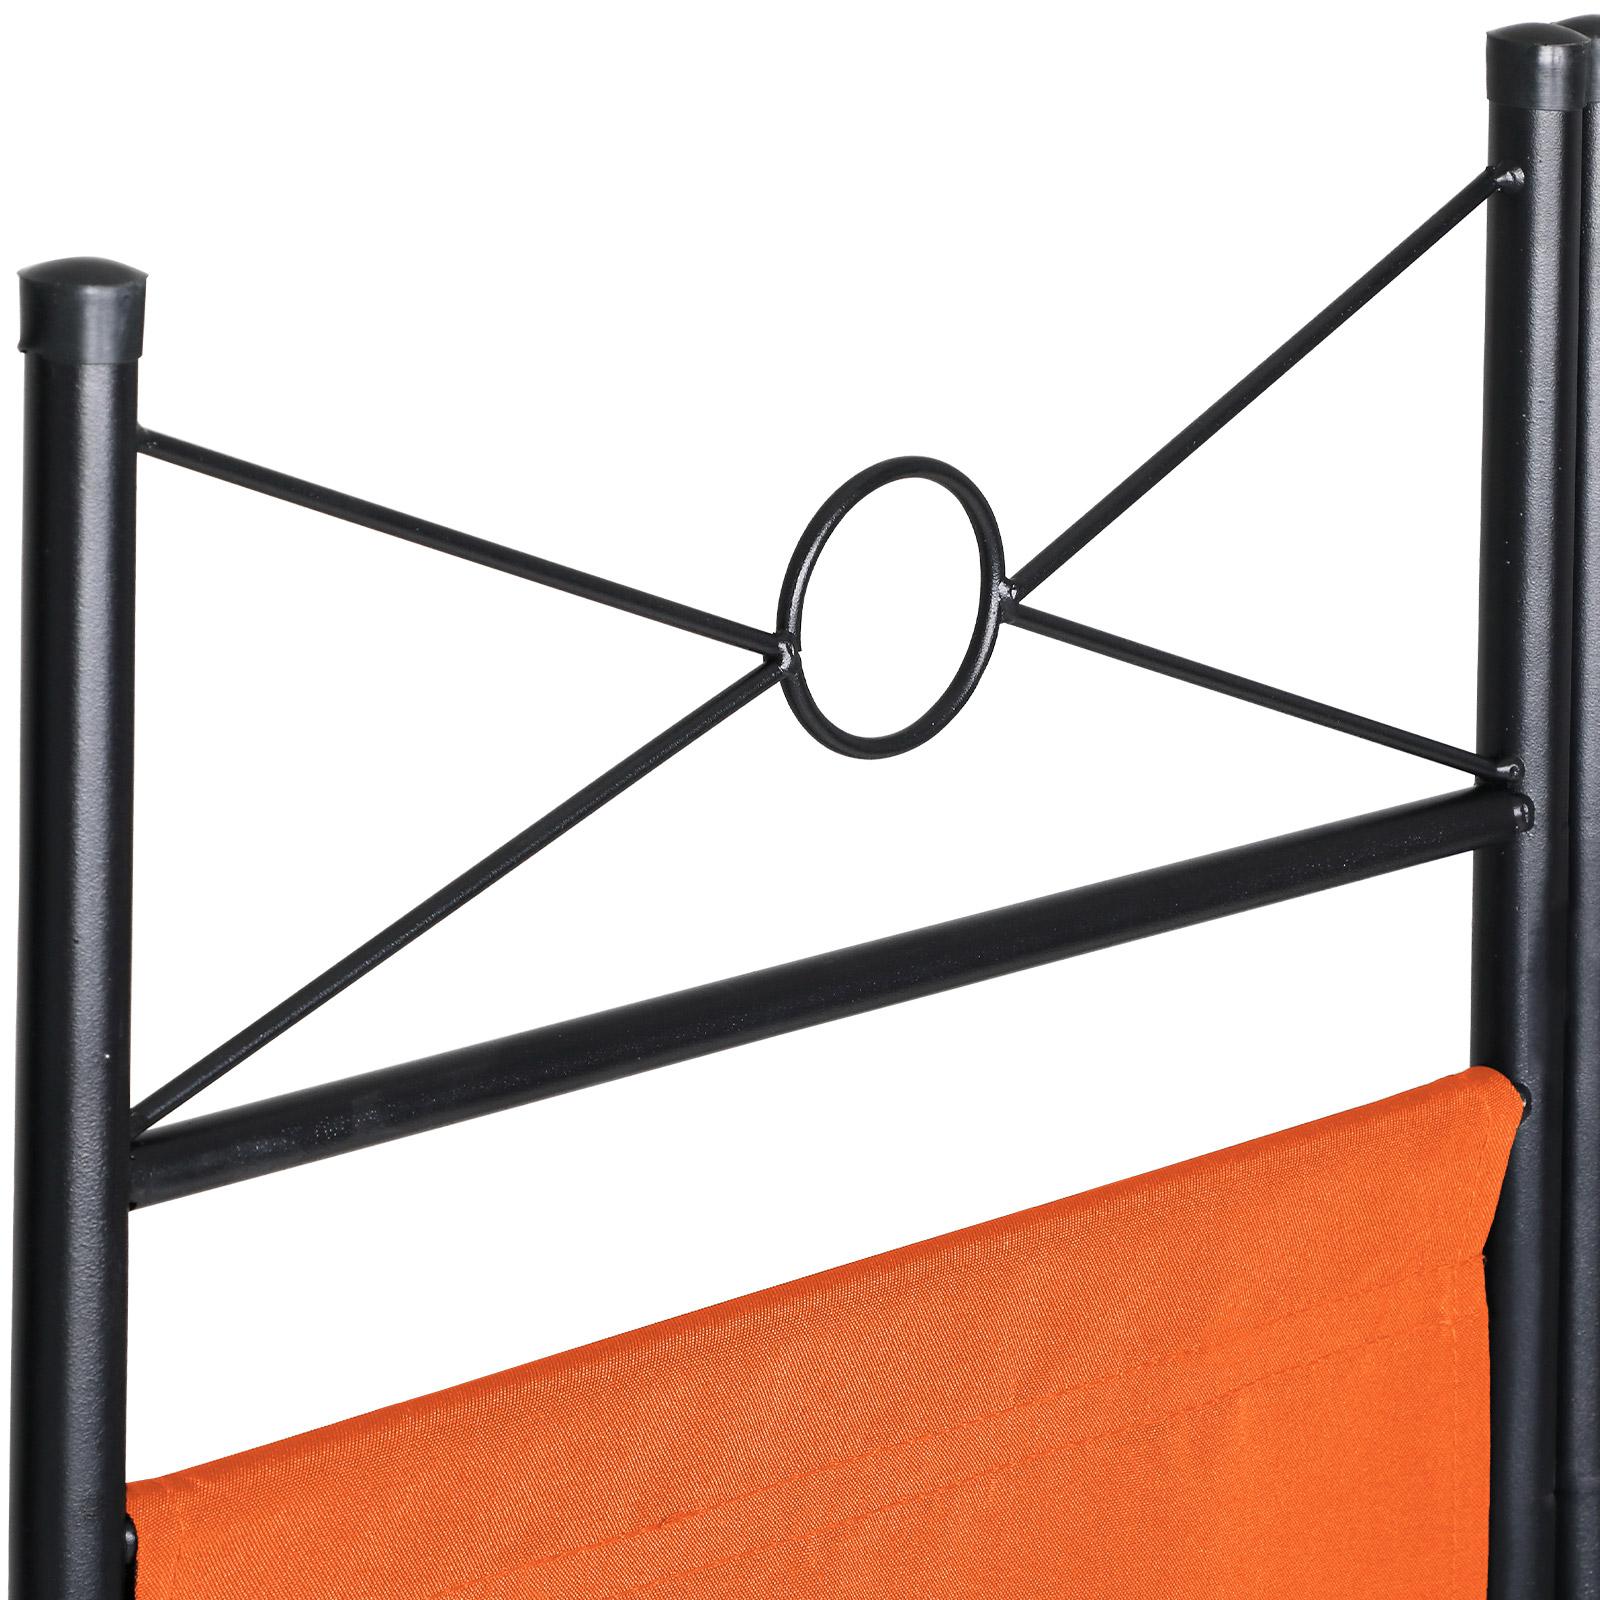 Paravent Raumteiler Trennwand 4tlg Umkleide Sichtschutz Spanische